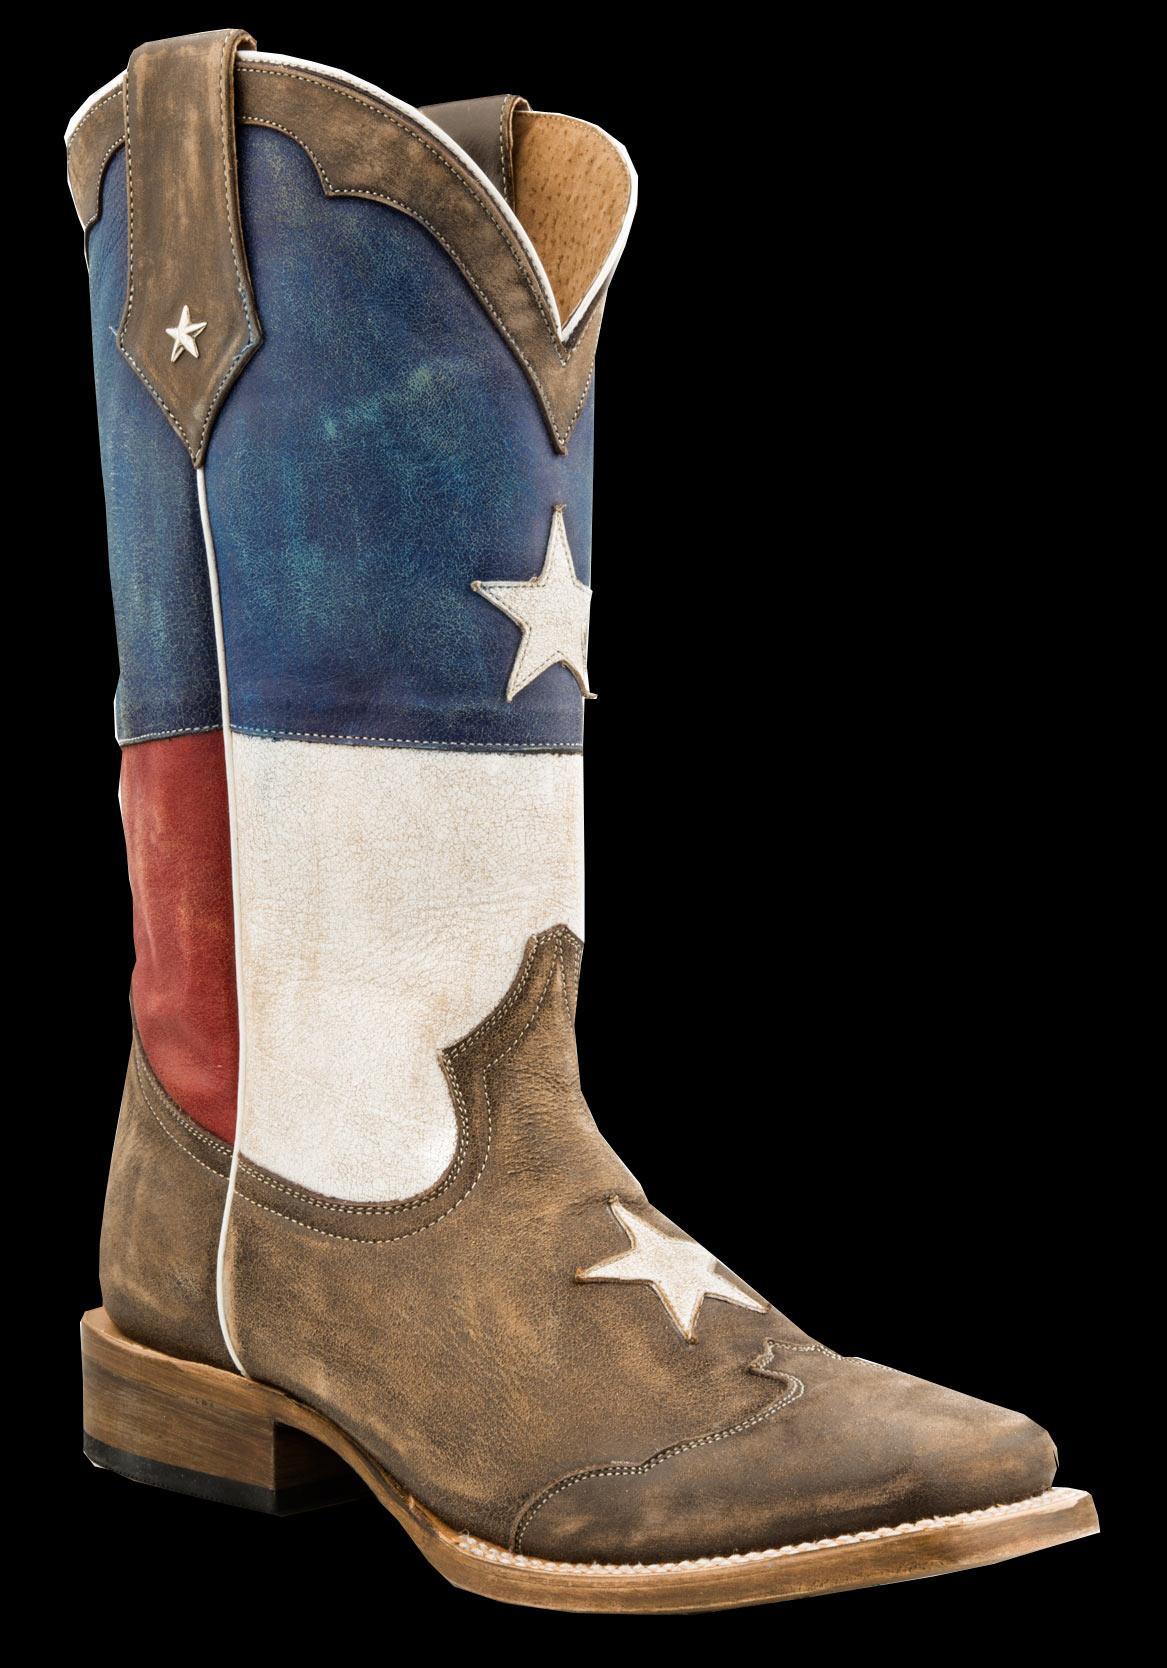 Roper Men S Texas Star Square Toe Cowboy Boot